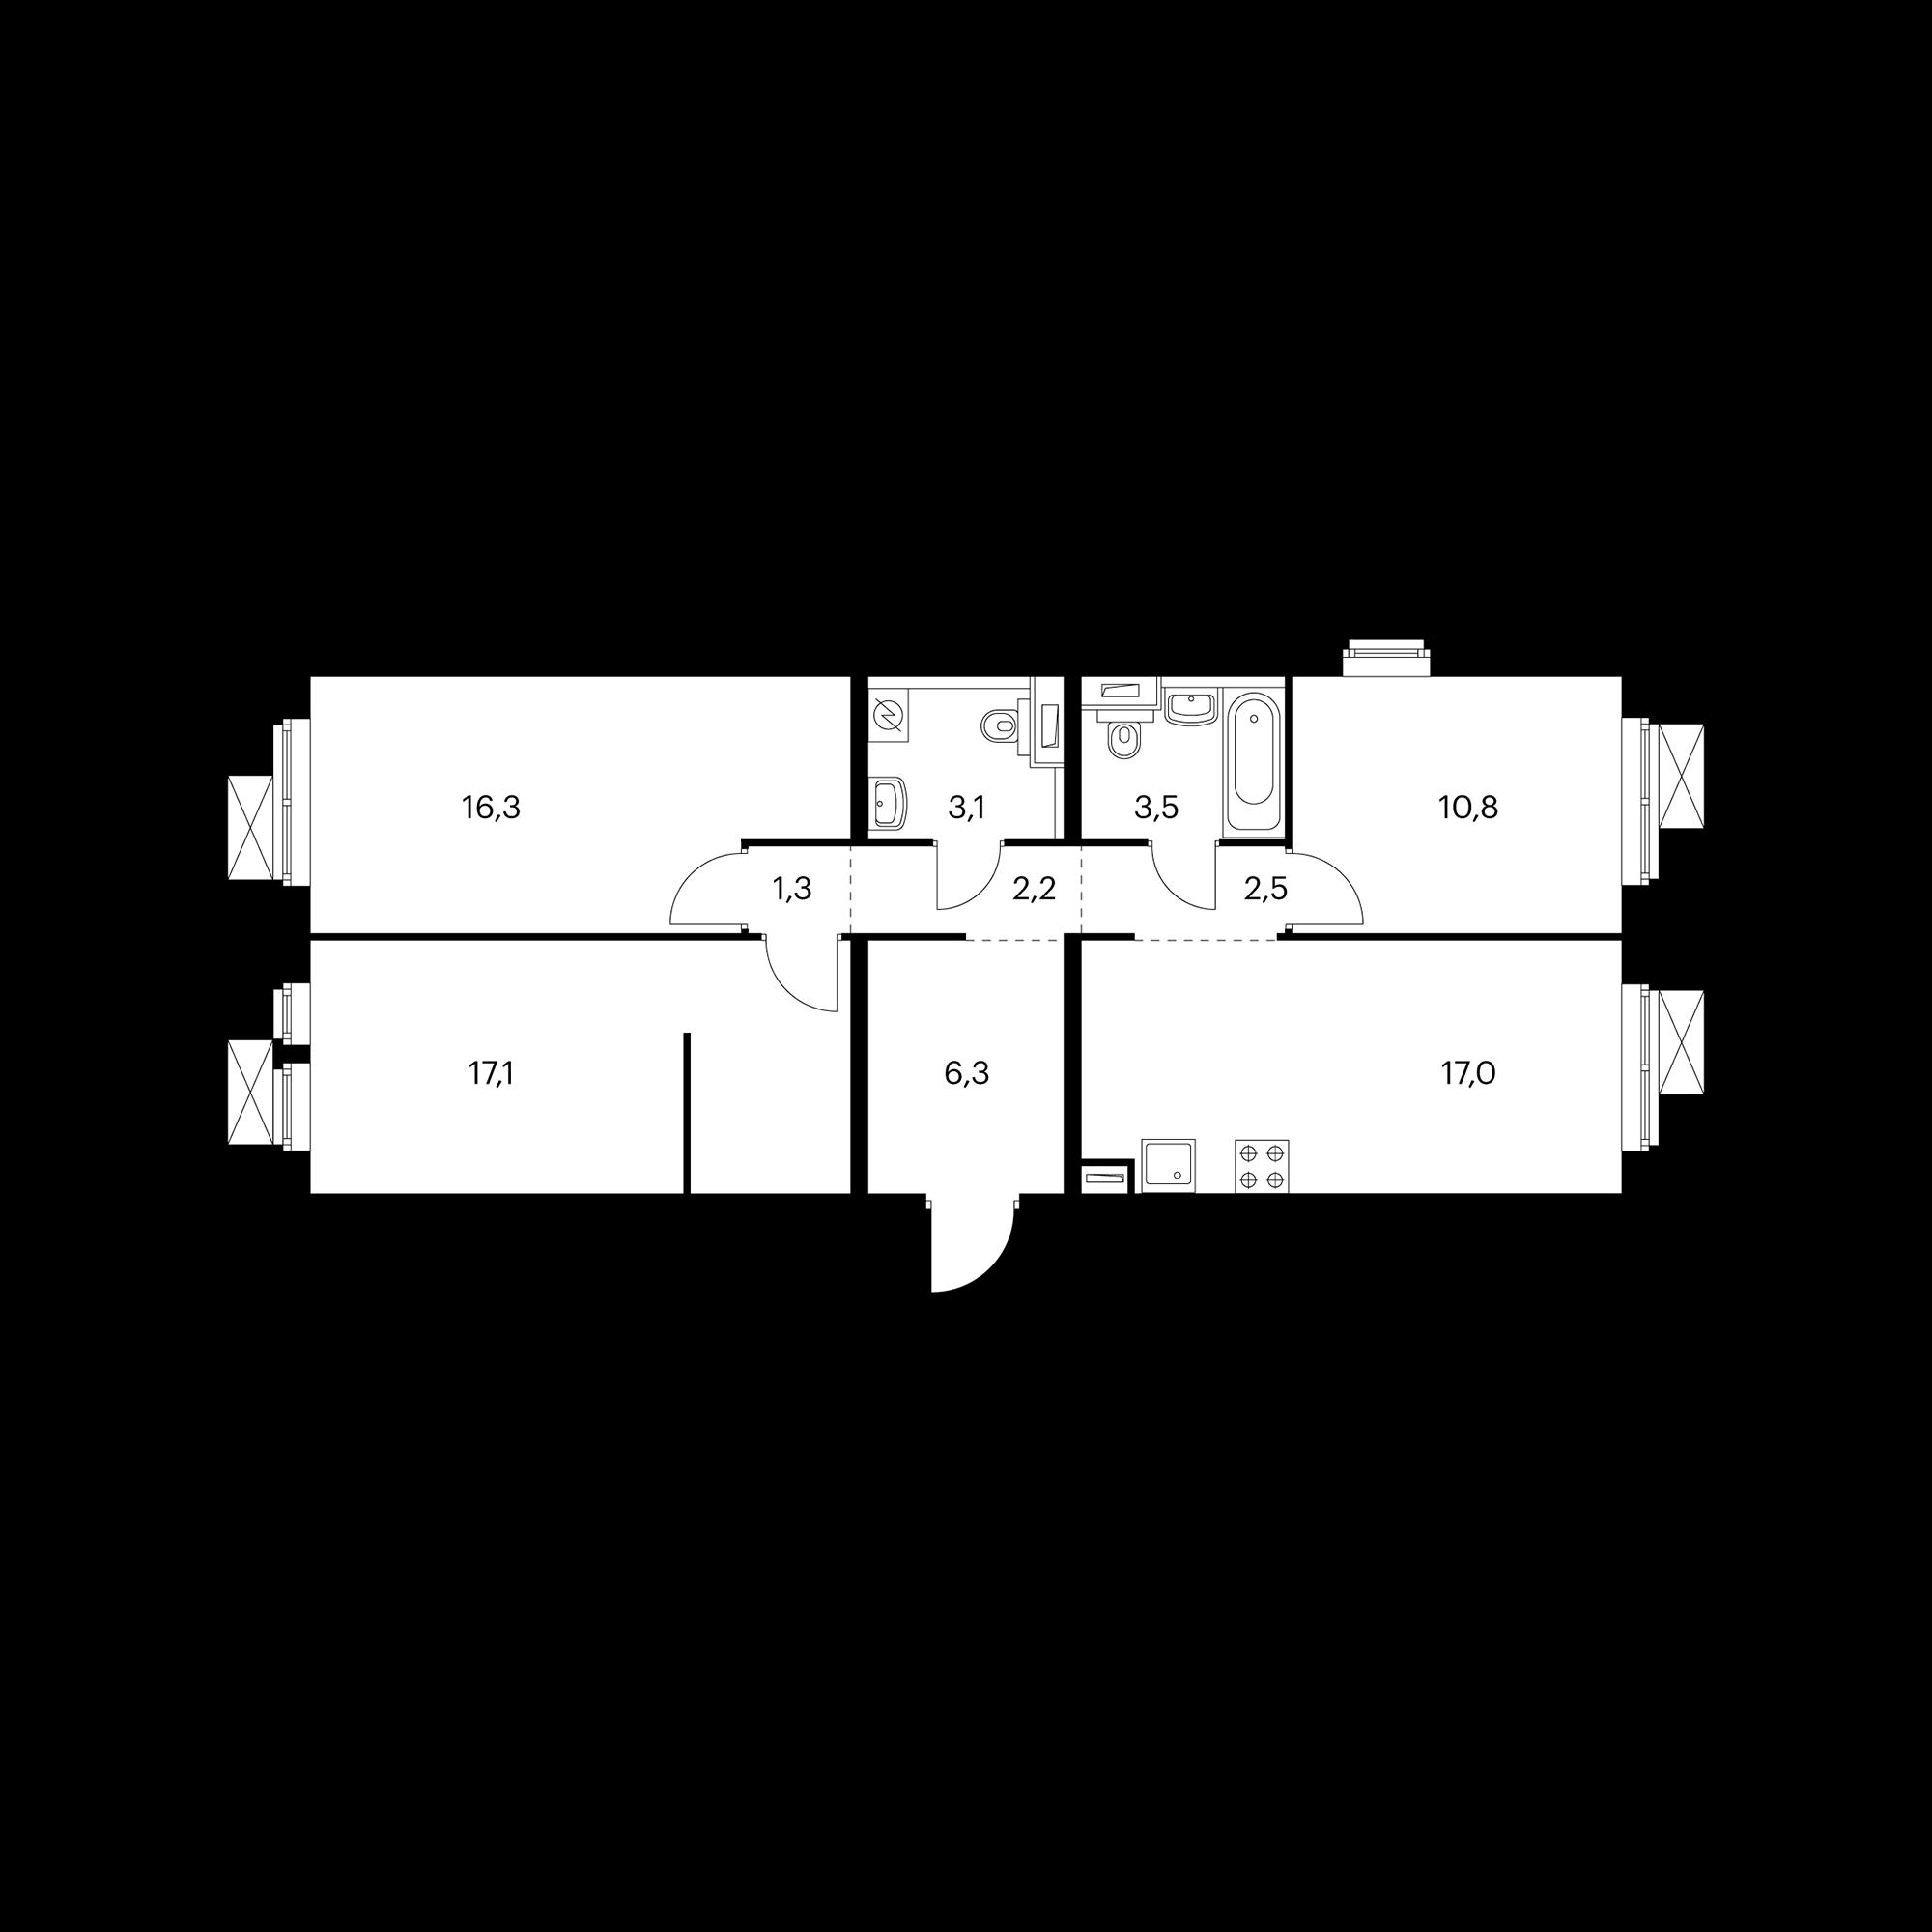 3KM16_6.0-1_S_TA1